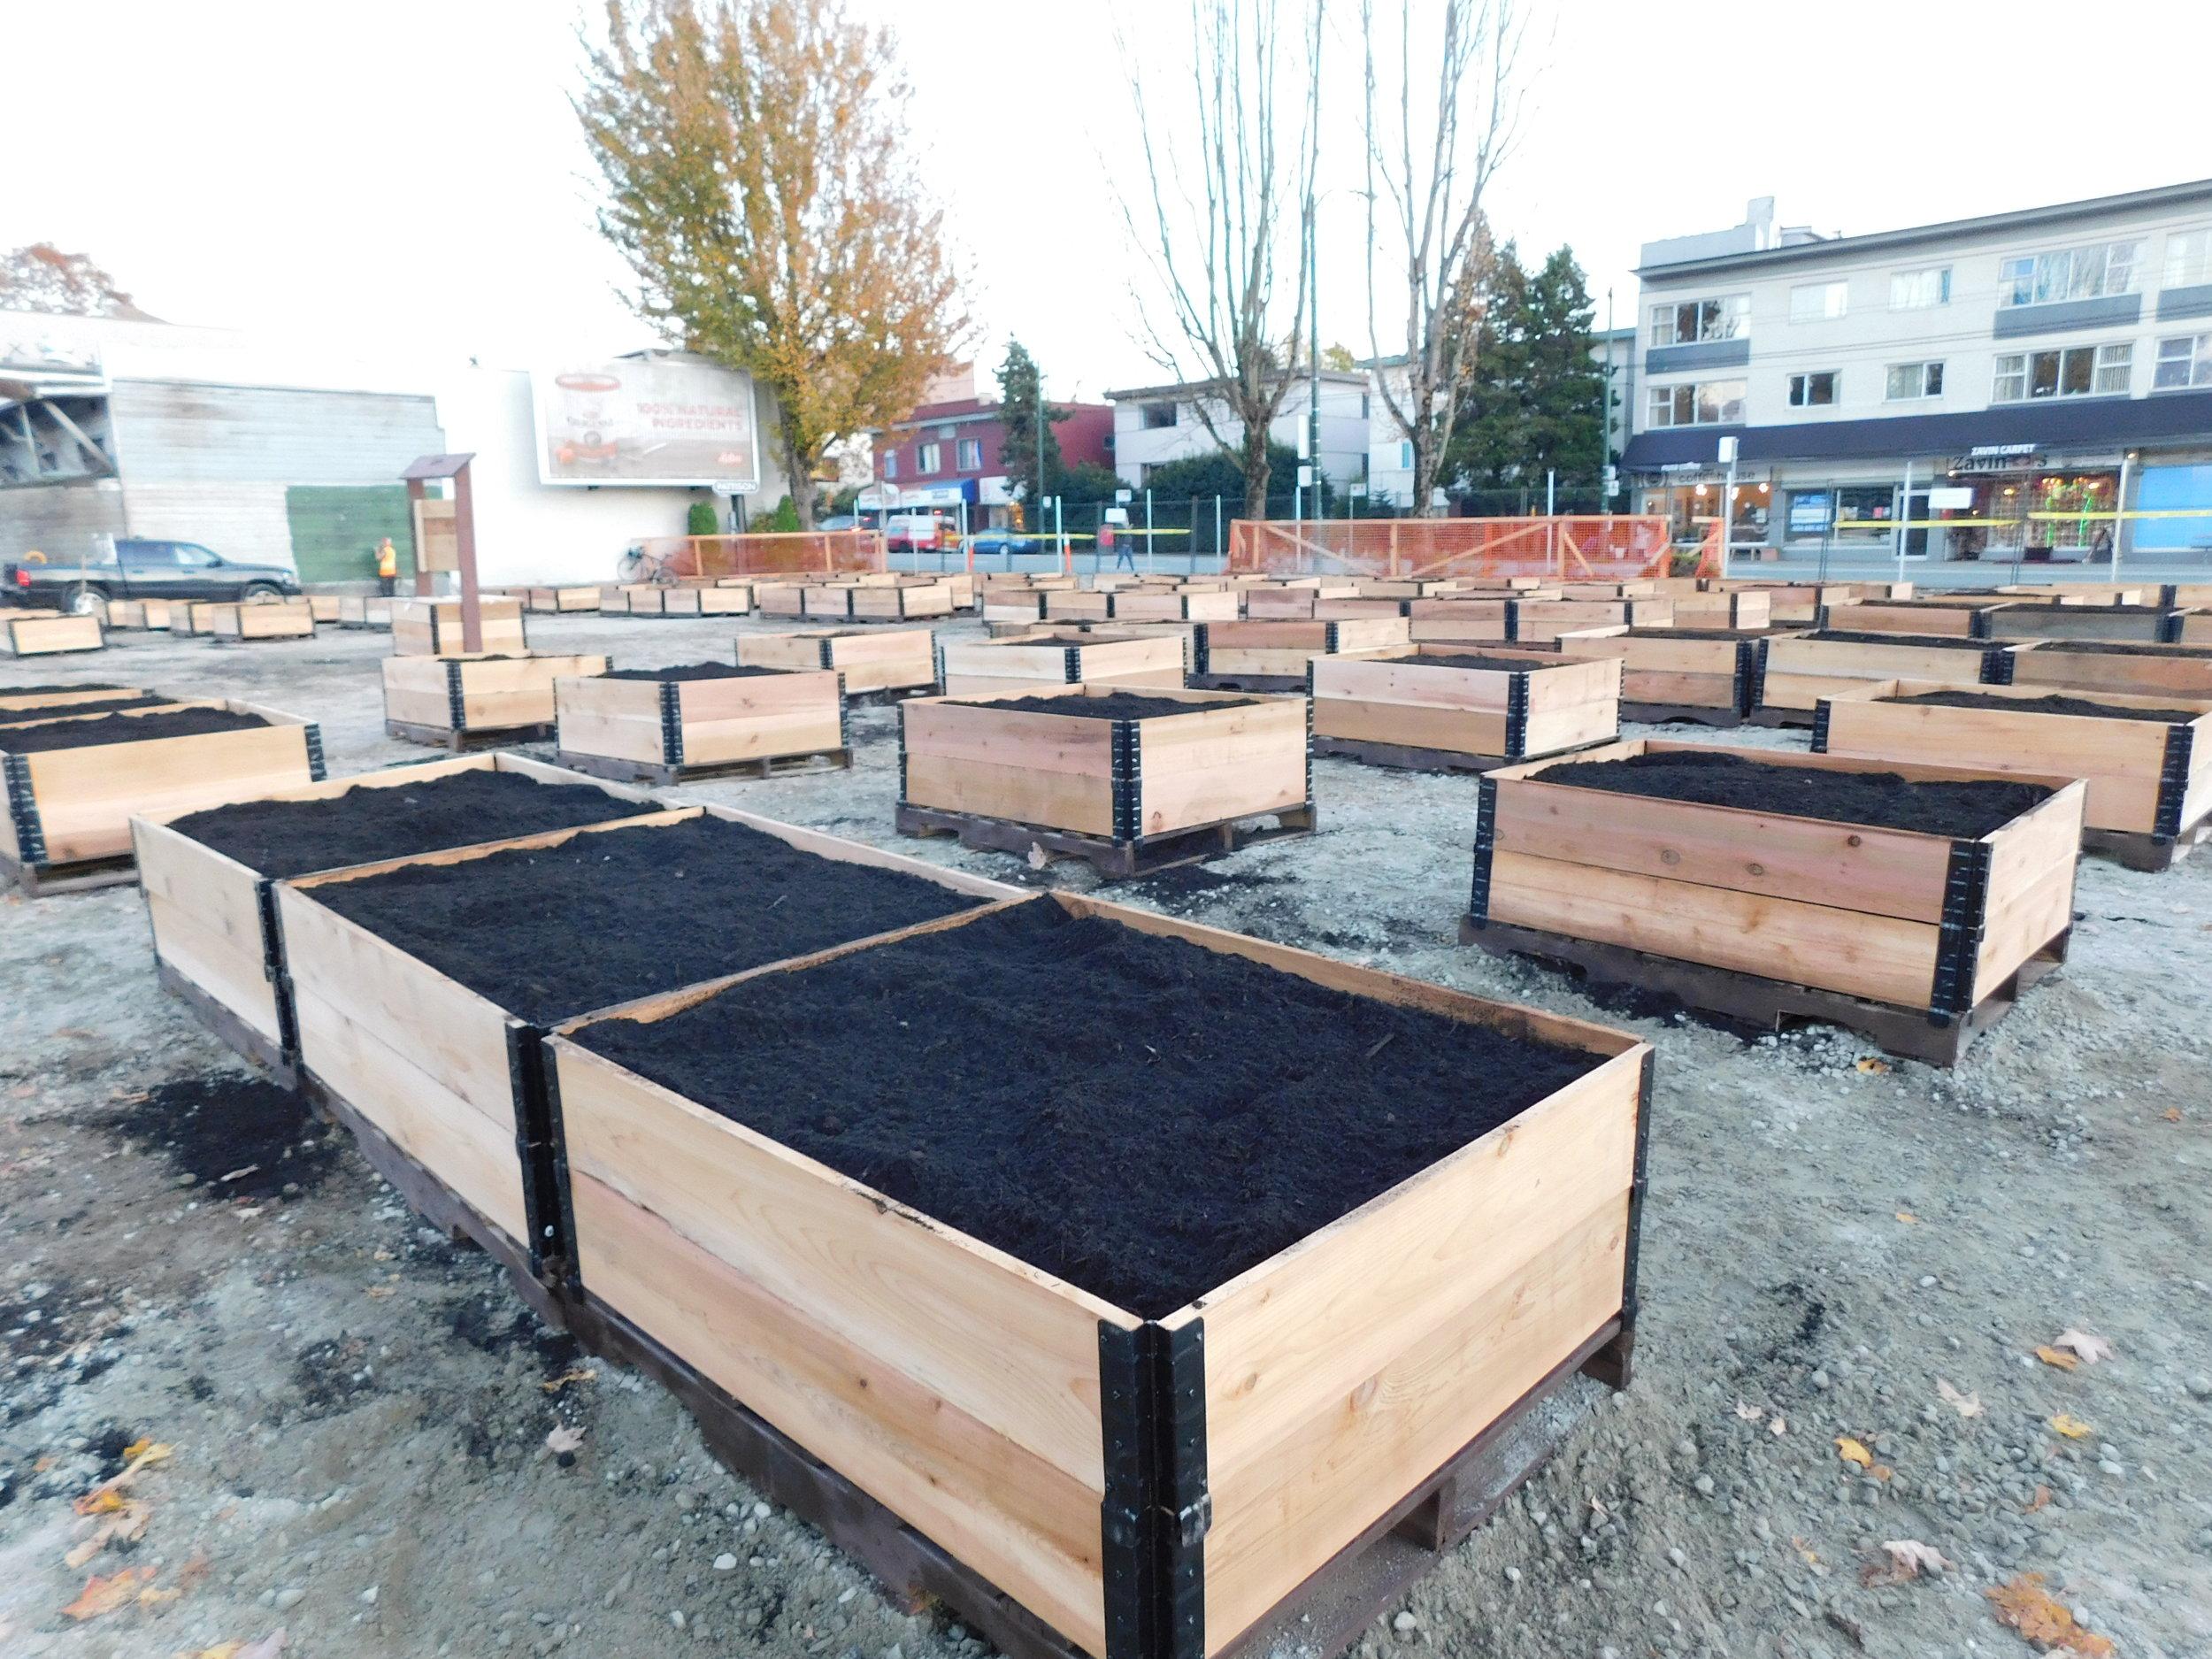 4th_Macdonald_Vancouver_Community_Garden_Builders-0021.JPG